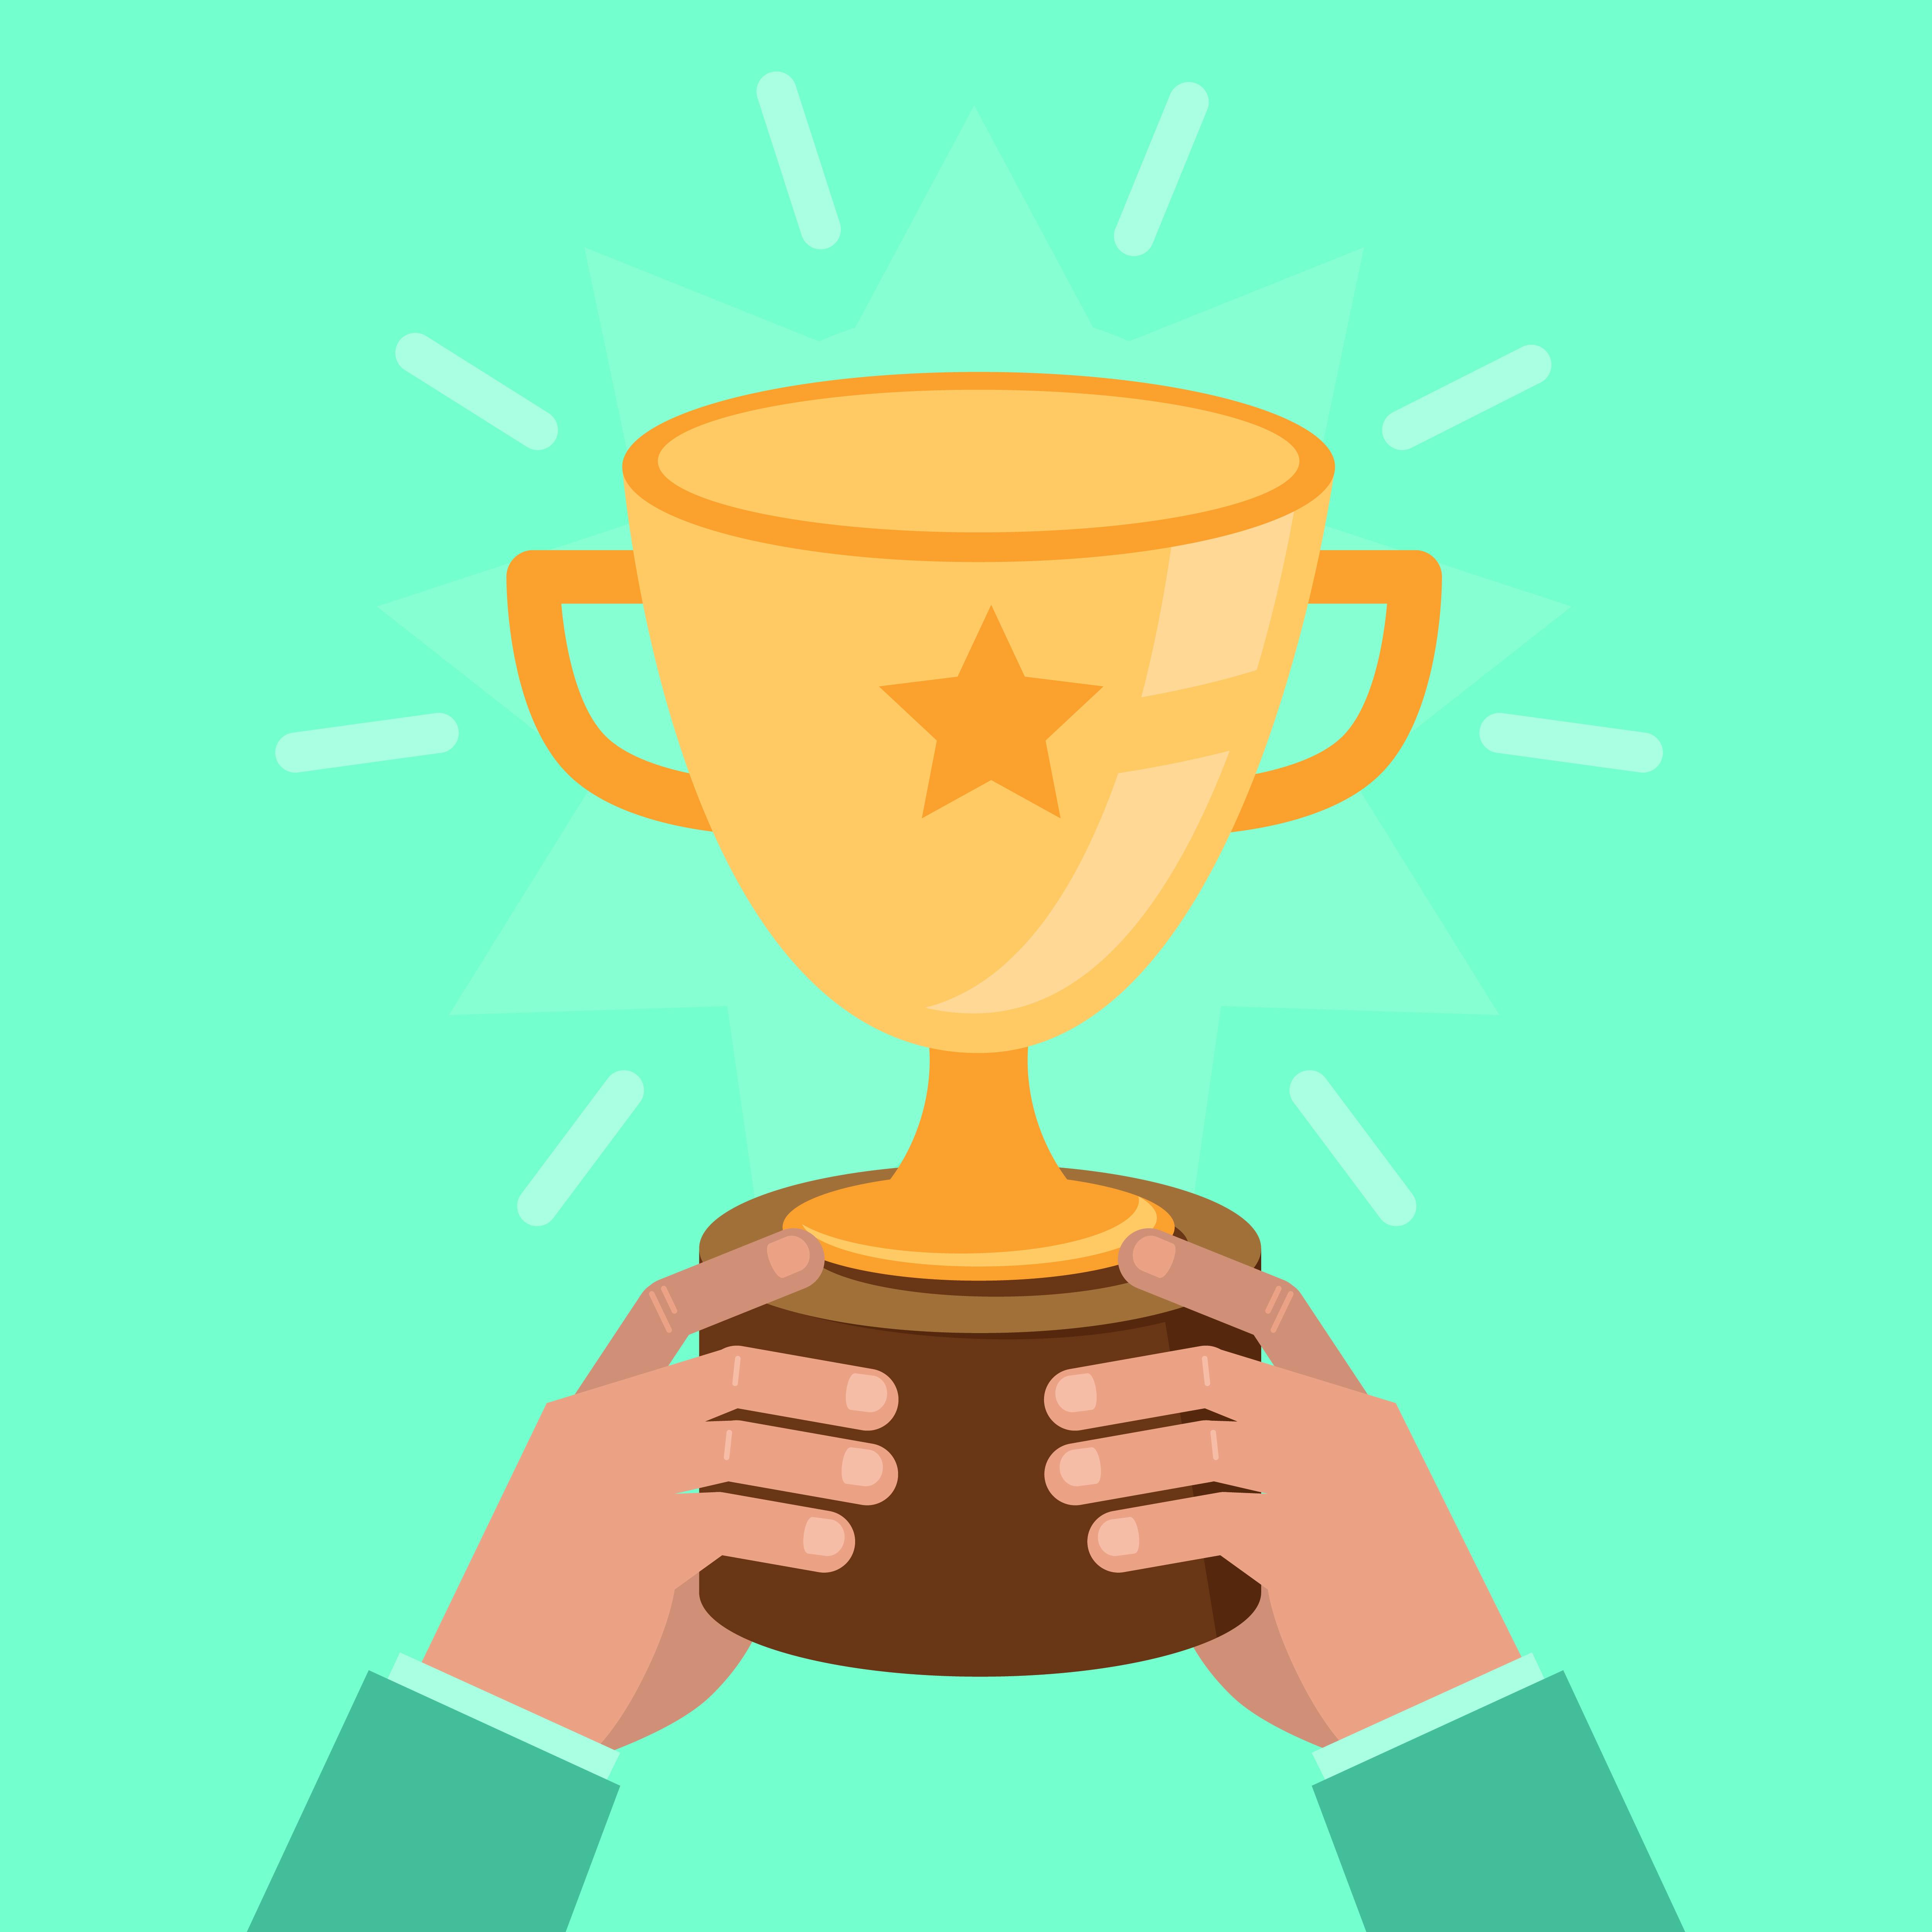 Award win